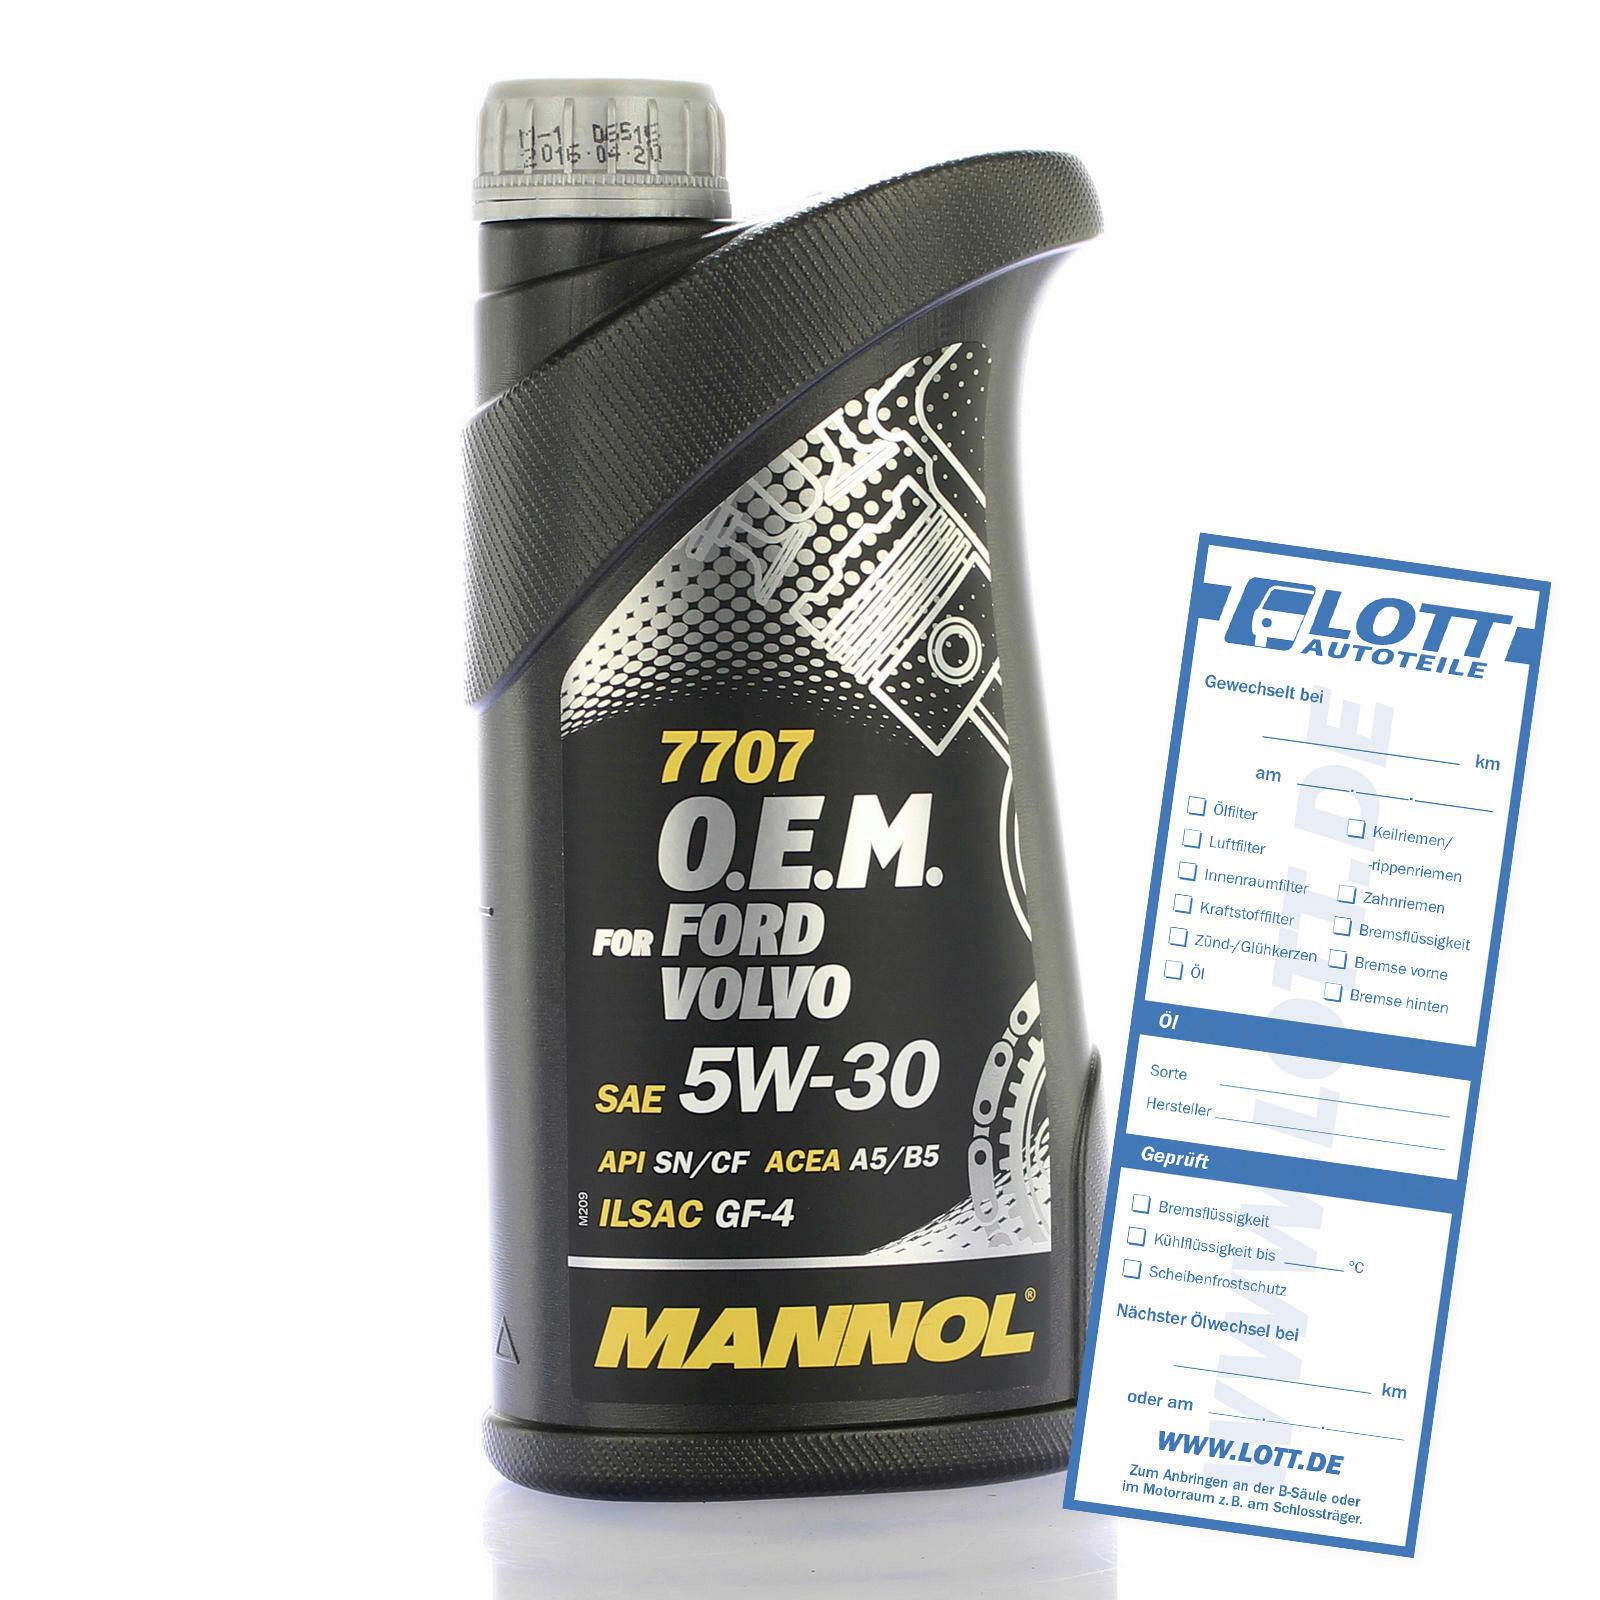 Mannol Motoröl 1 Liter 5W30 für Ford,Opel und Volvo Motoren